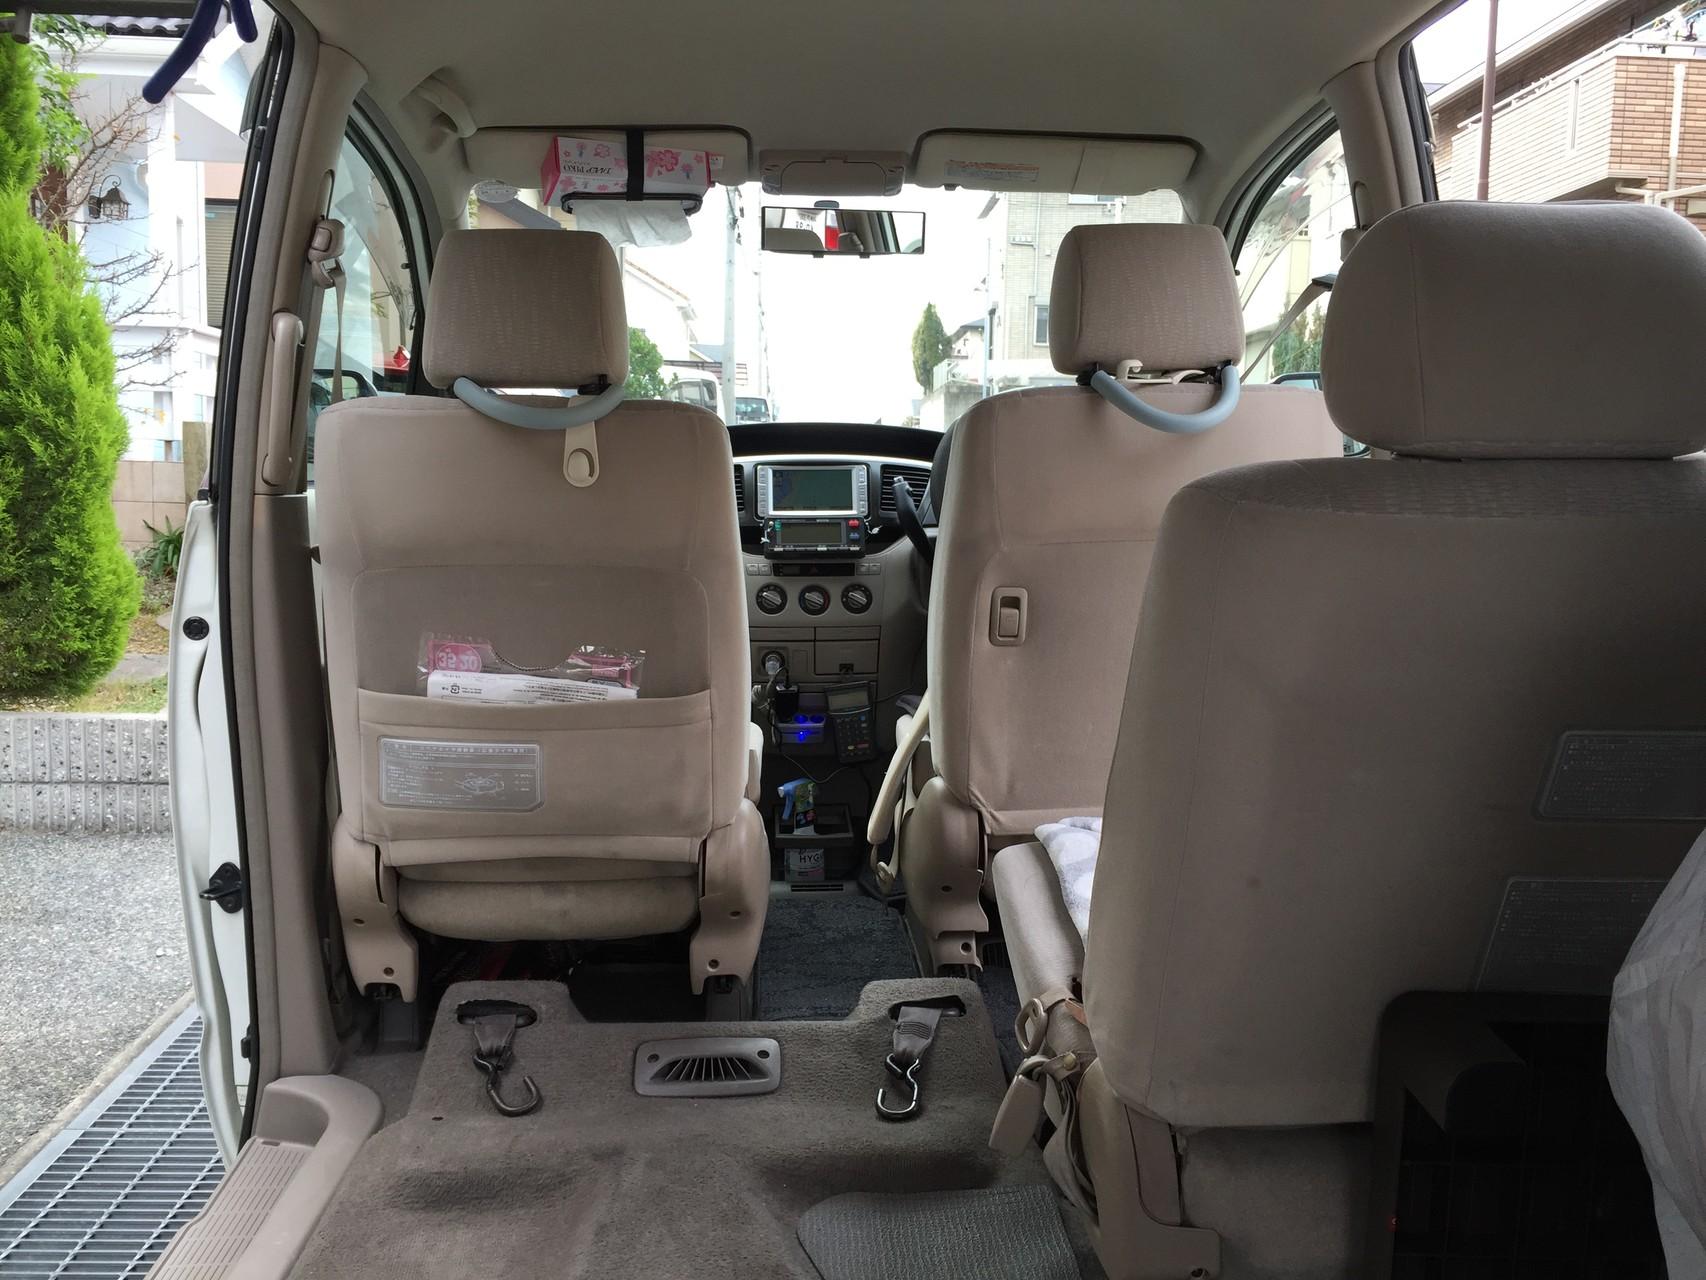 神戸市介護タクシーうえだケアサービス 神戸市北区介護タクシーうえだケアサービス 車内